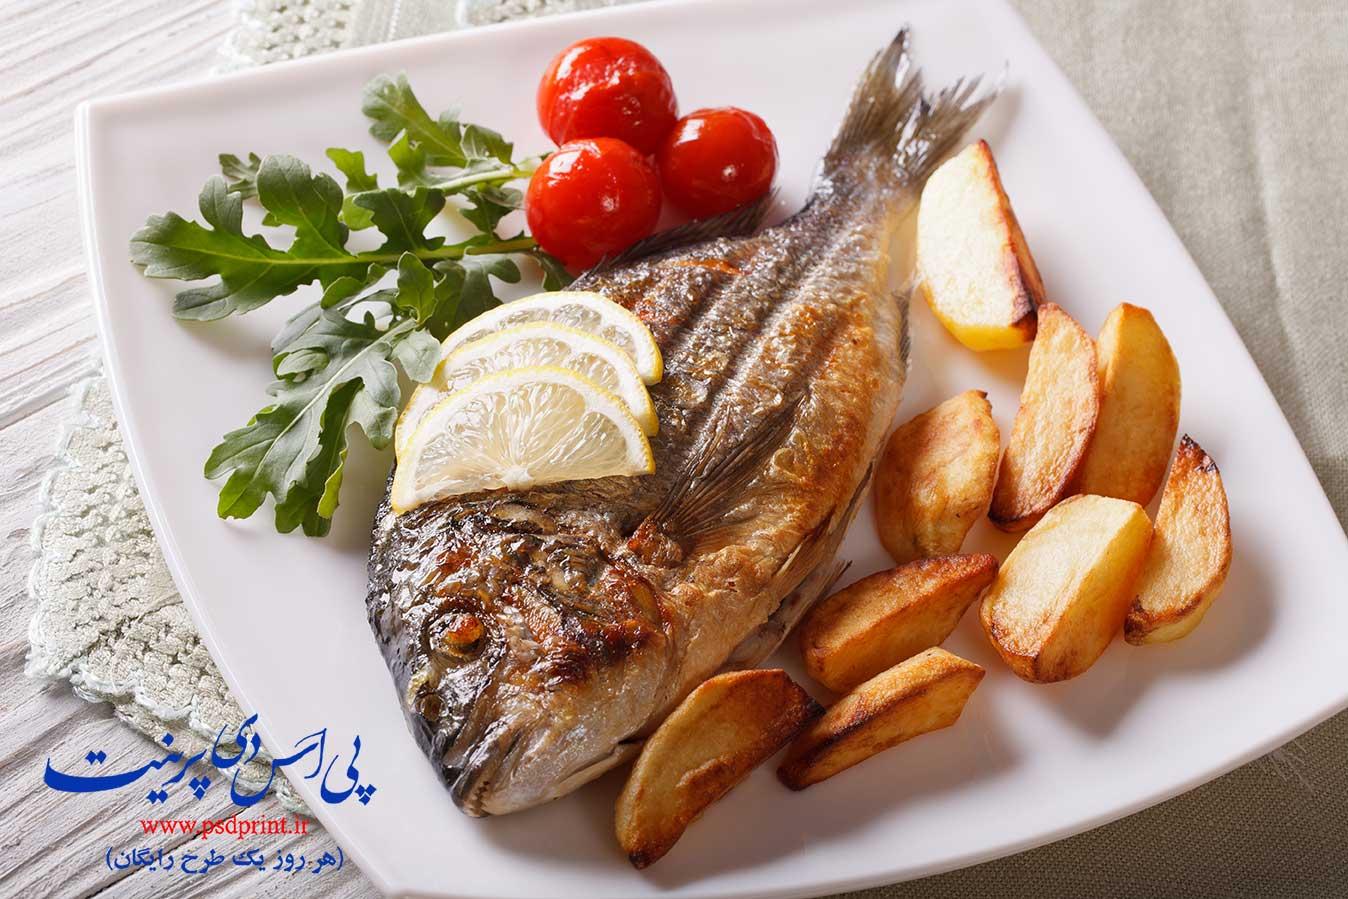 ماهی سرخ شده برای رستوران